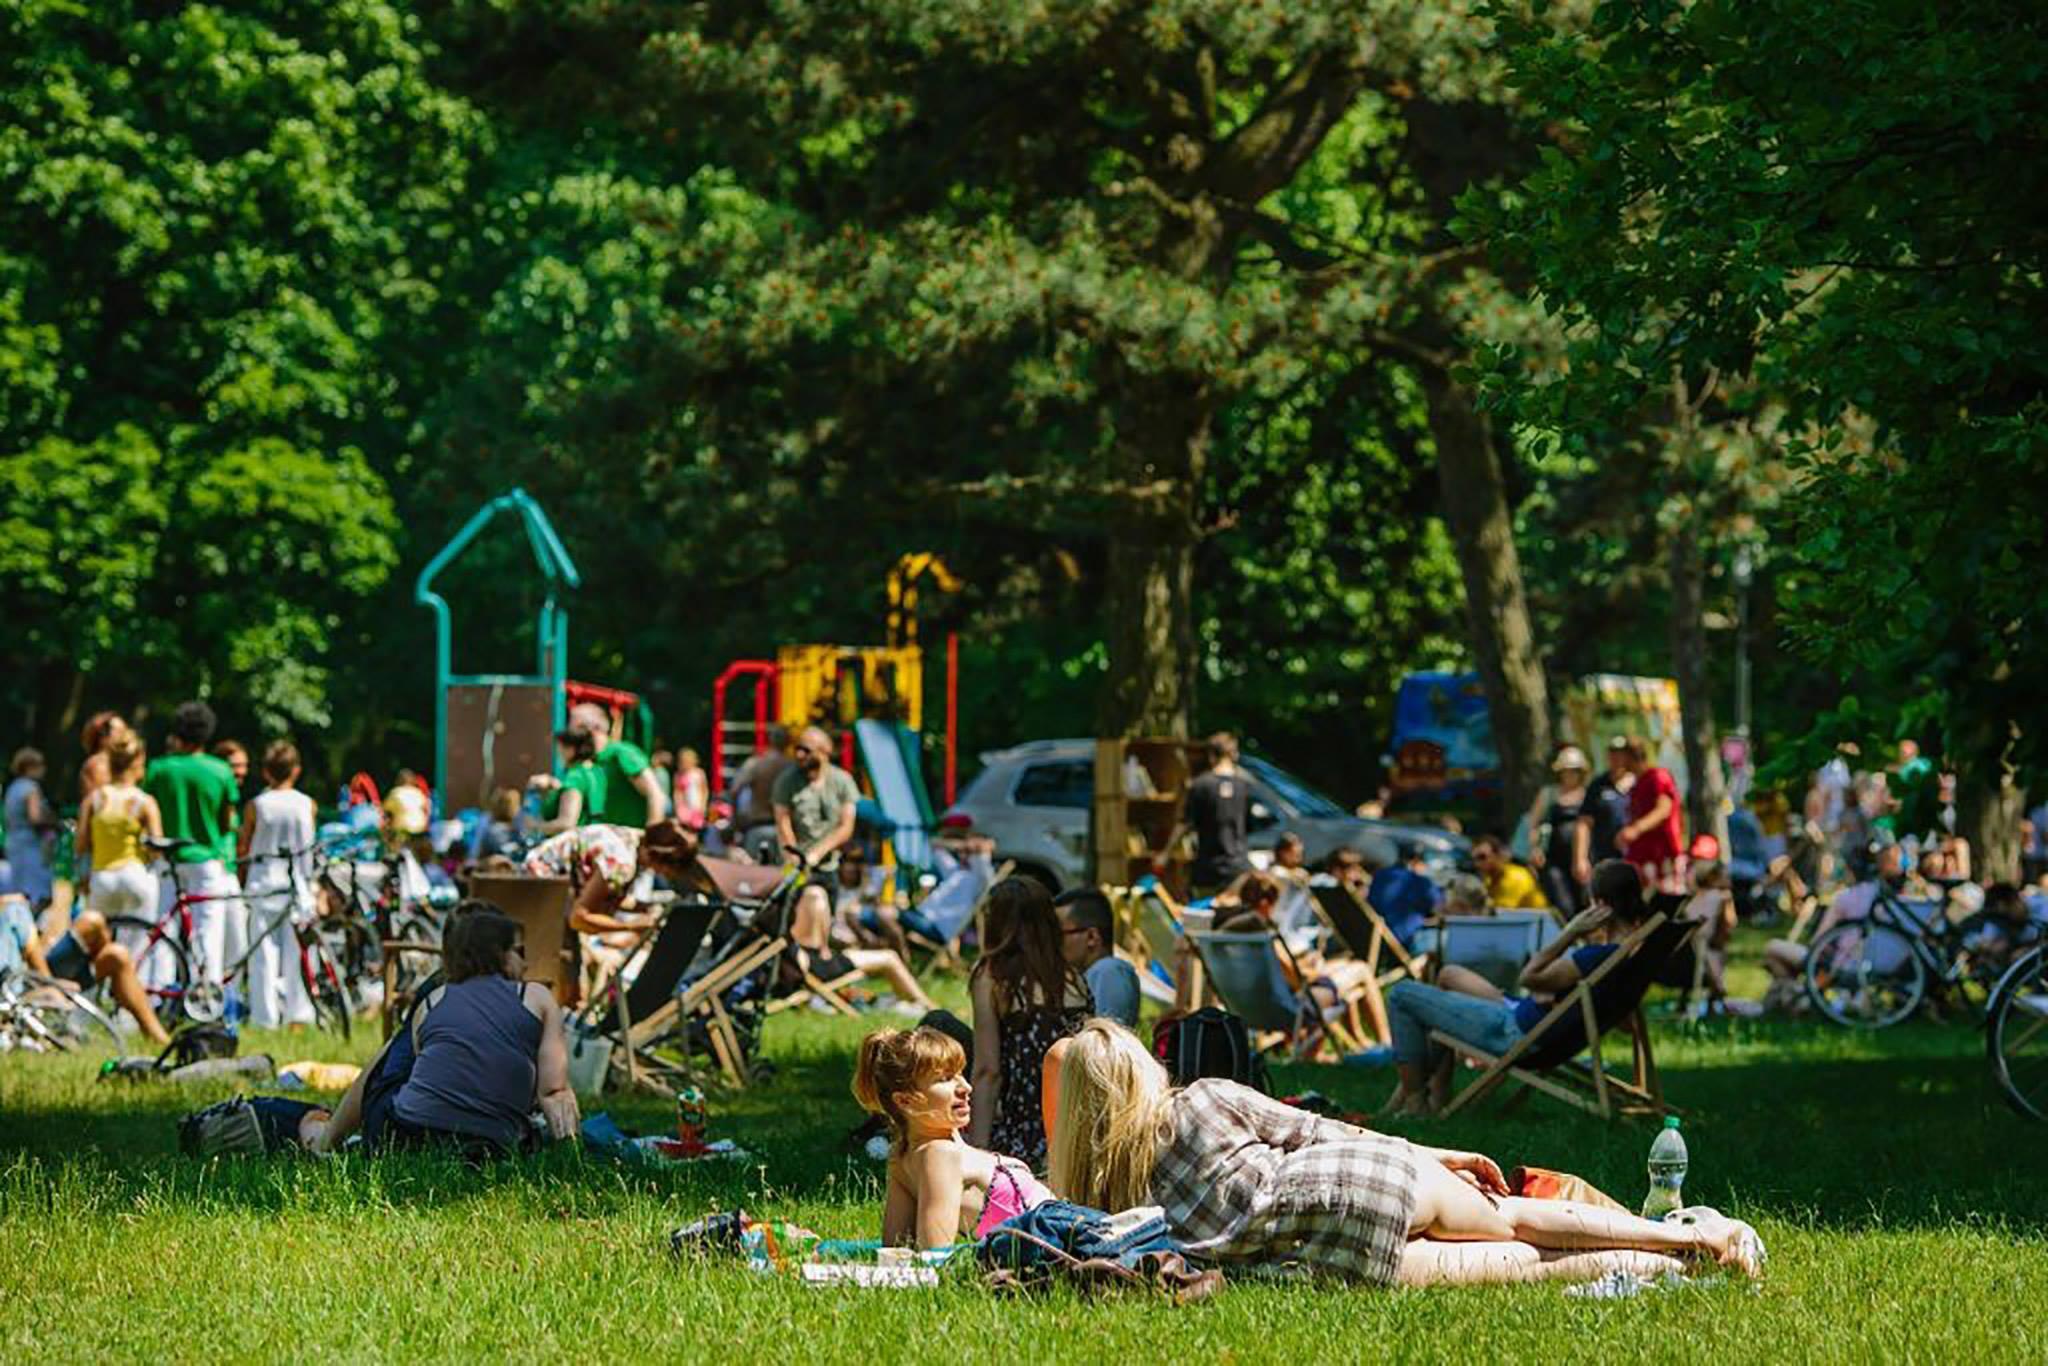 festiwal odpoczyknu 2016 park poniatowskiego